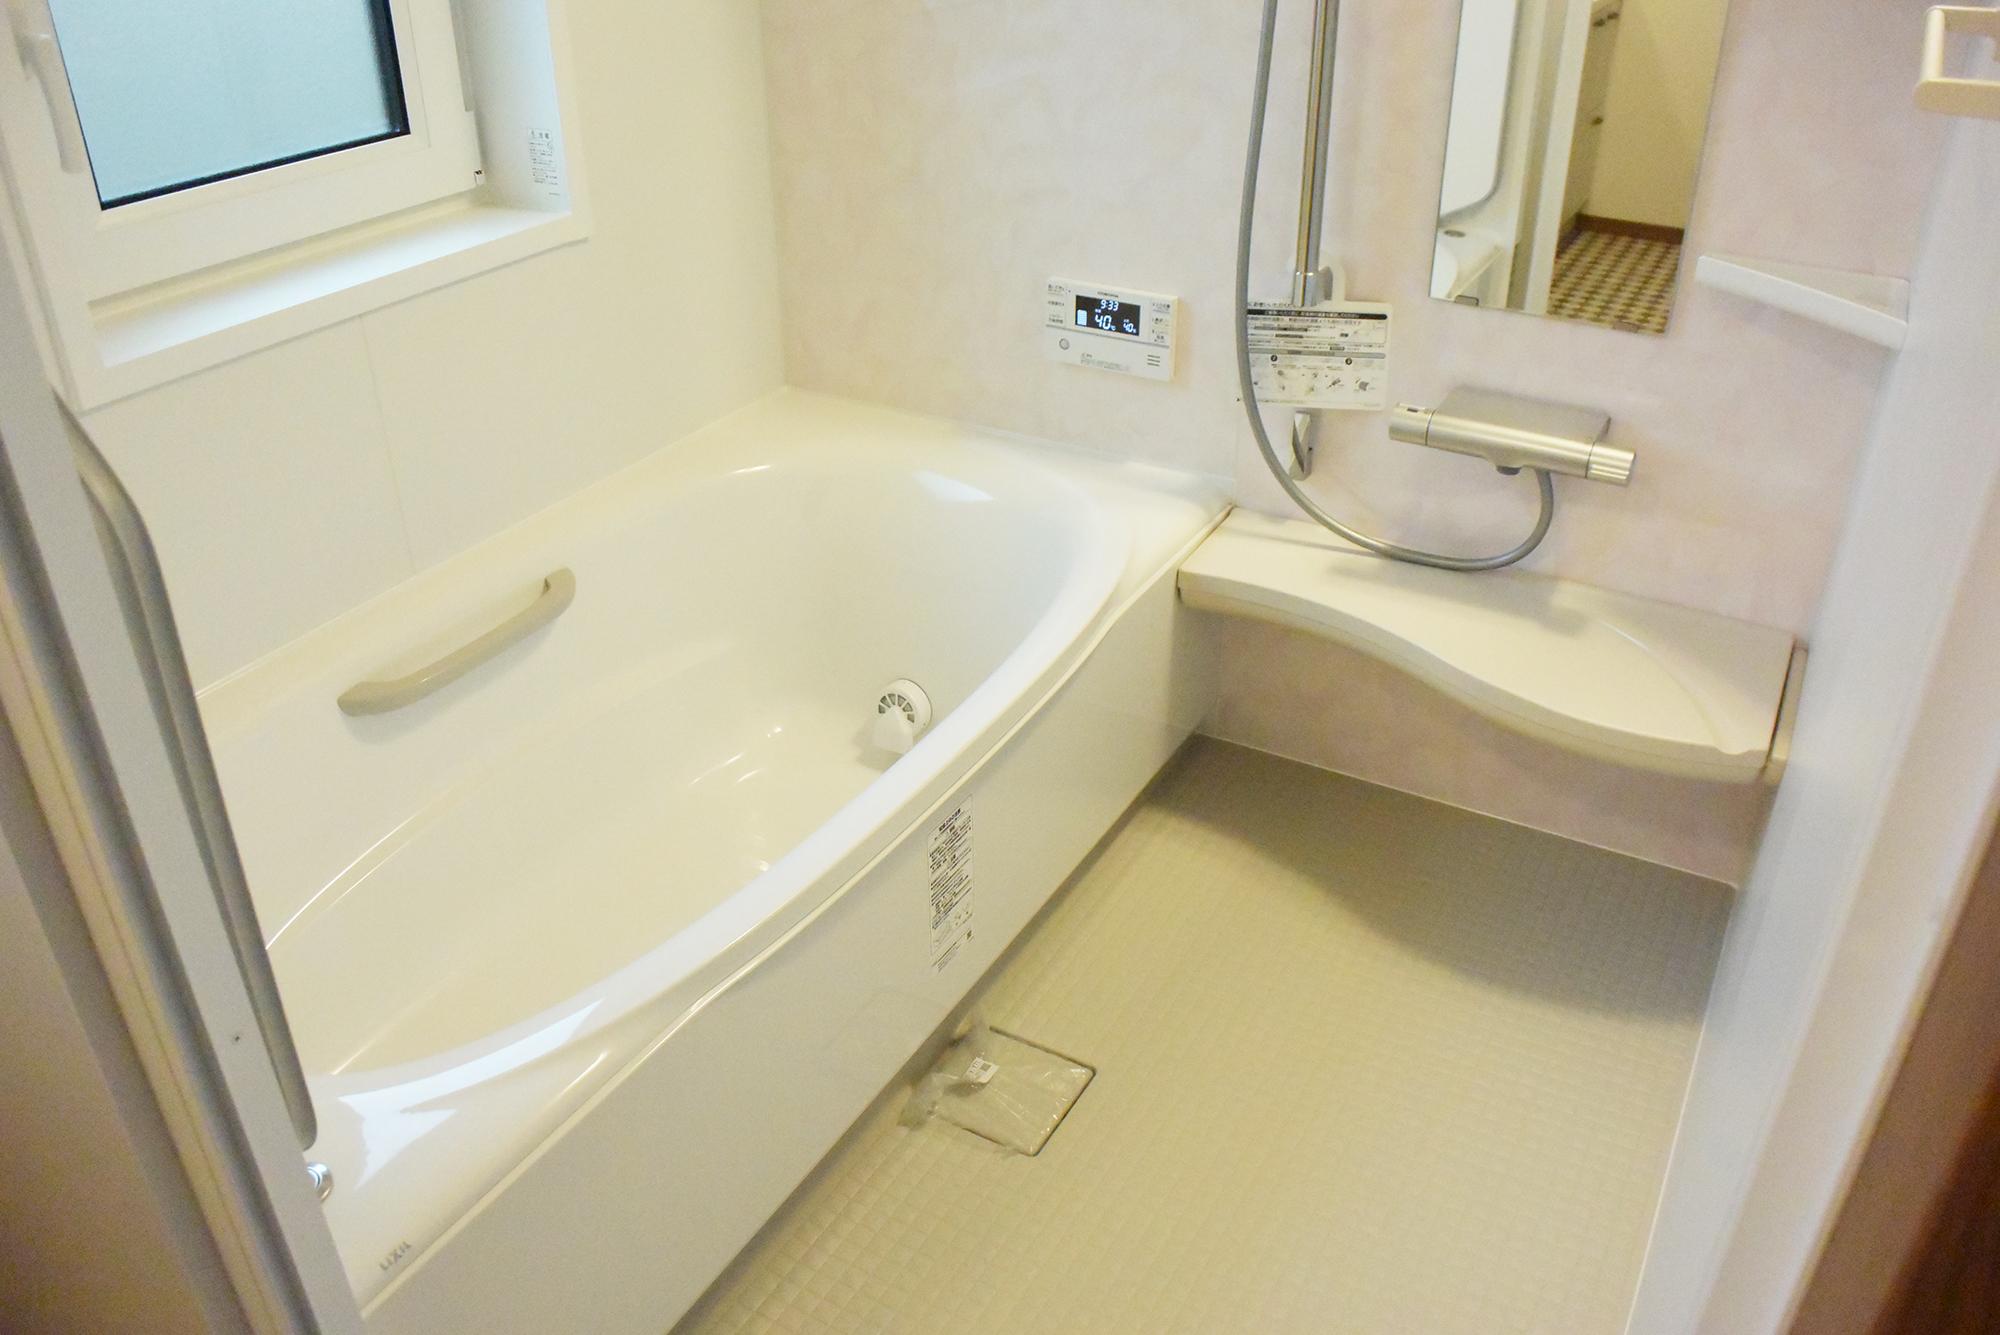 ゆったりとしたバス。機能性に優れ心地よい空間の1F浴室です。